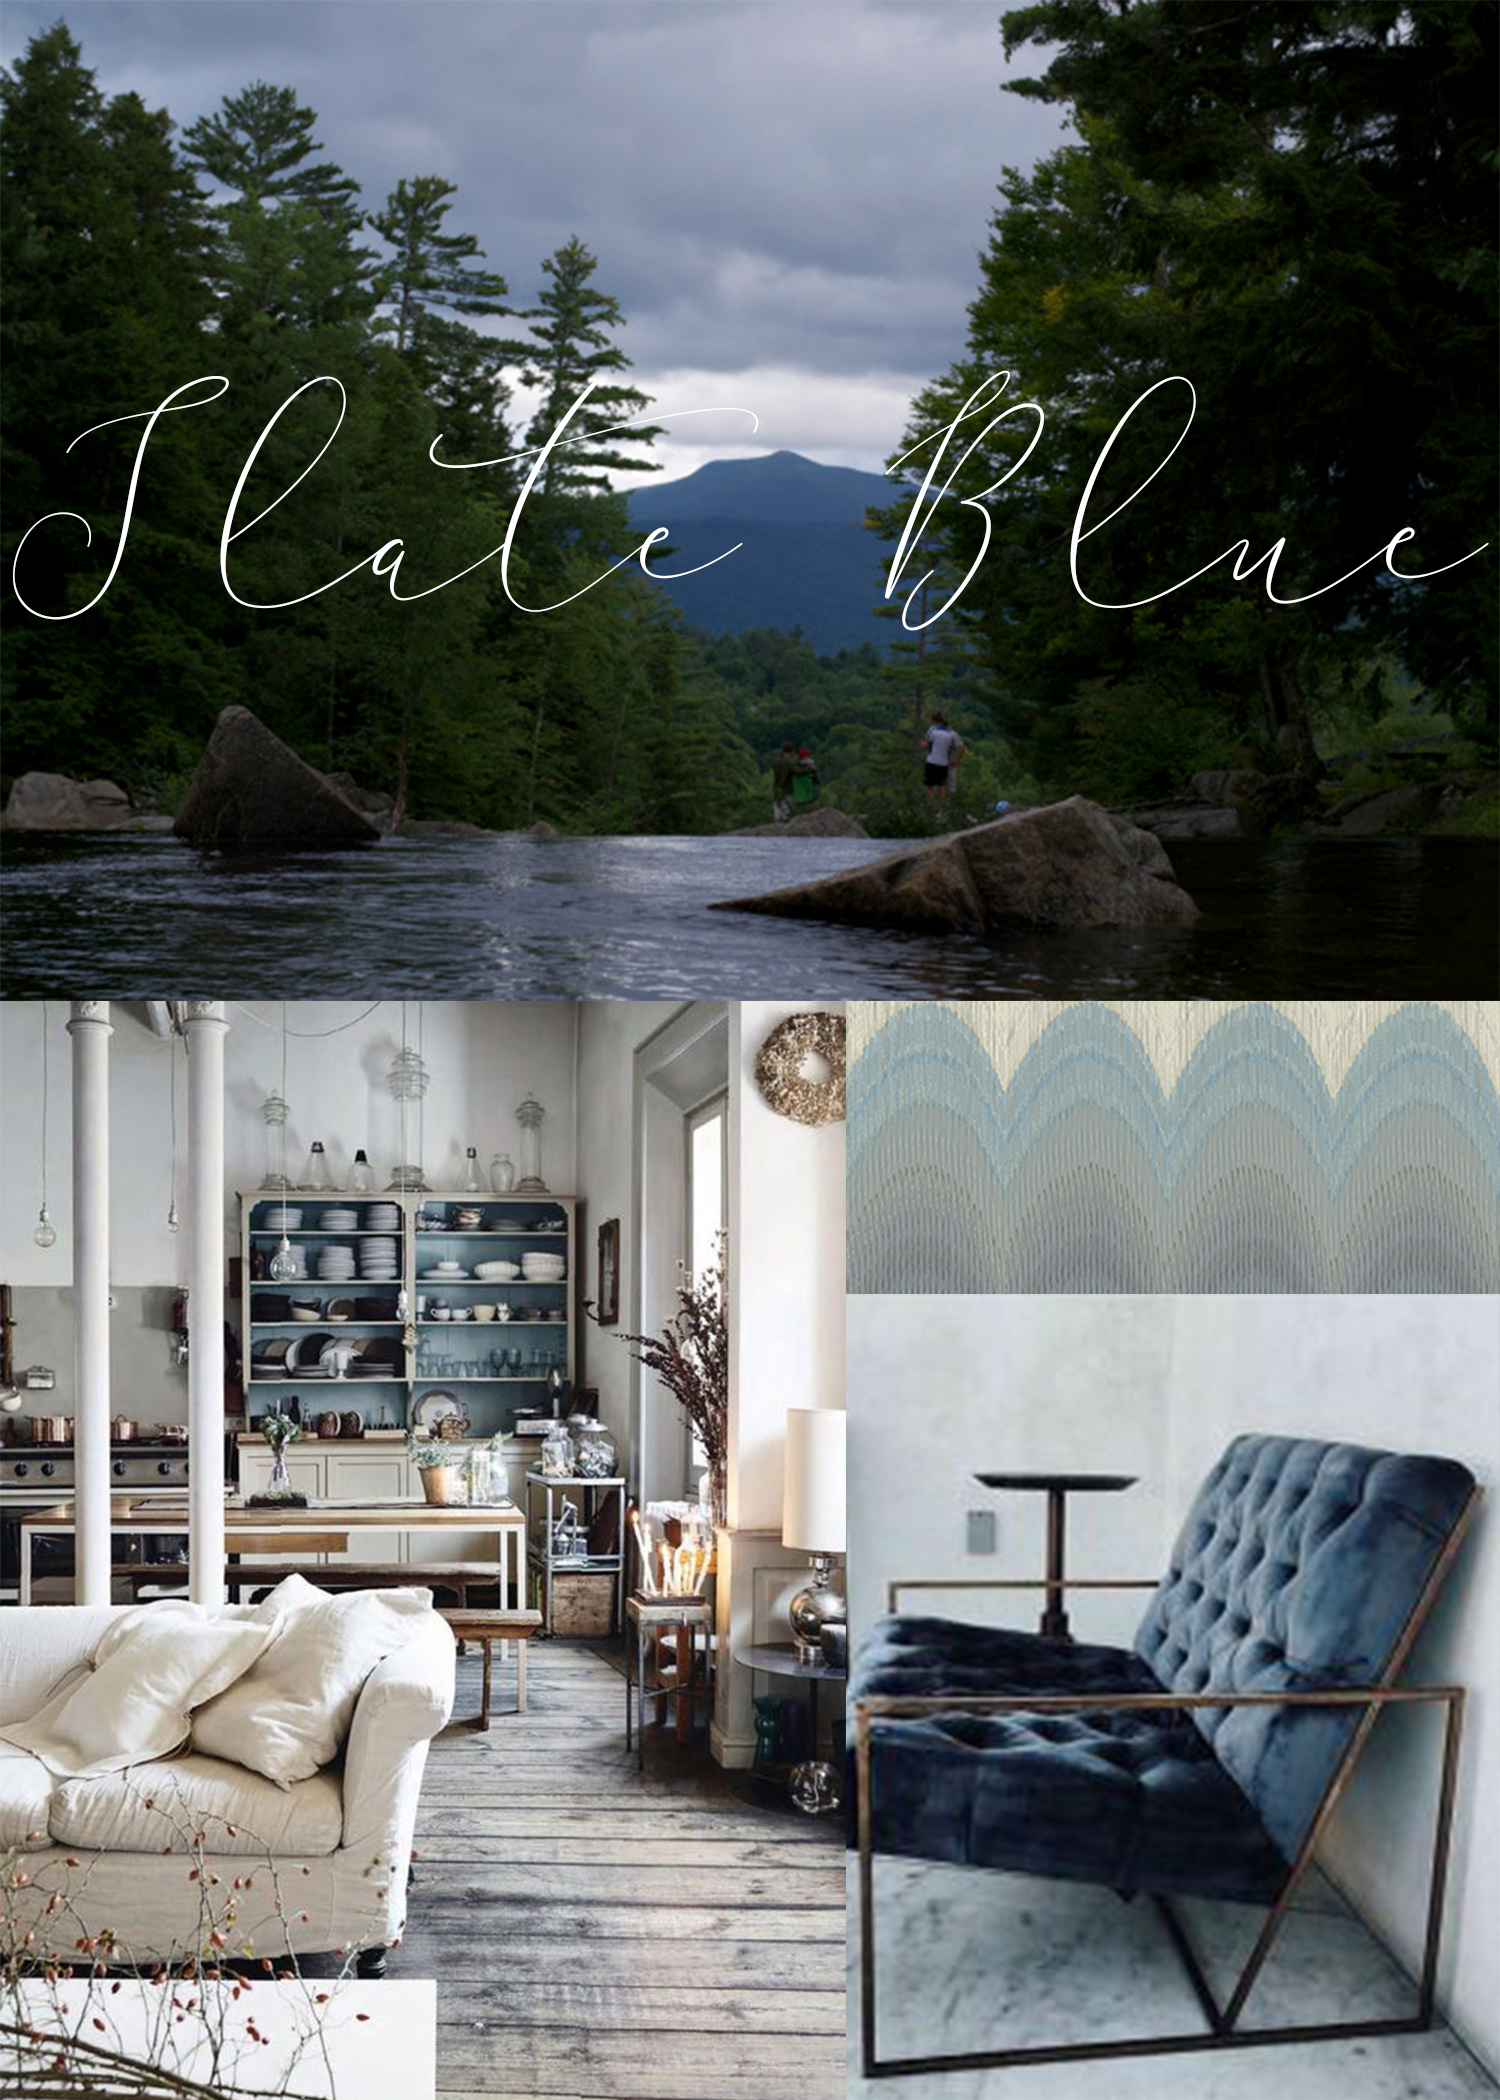 Slate Blue Home Decor